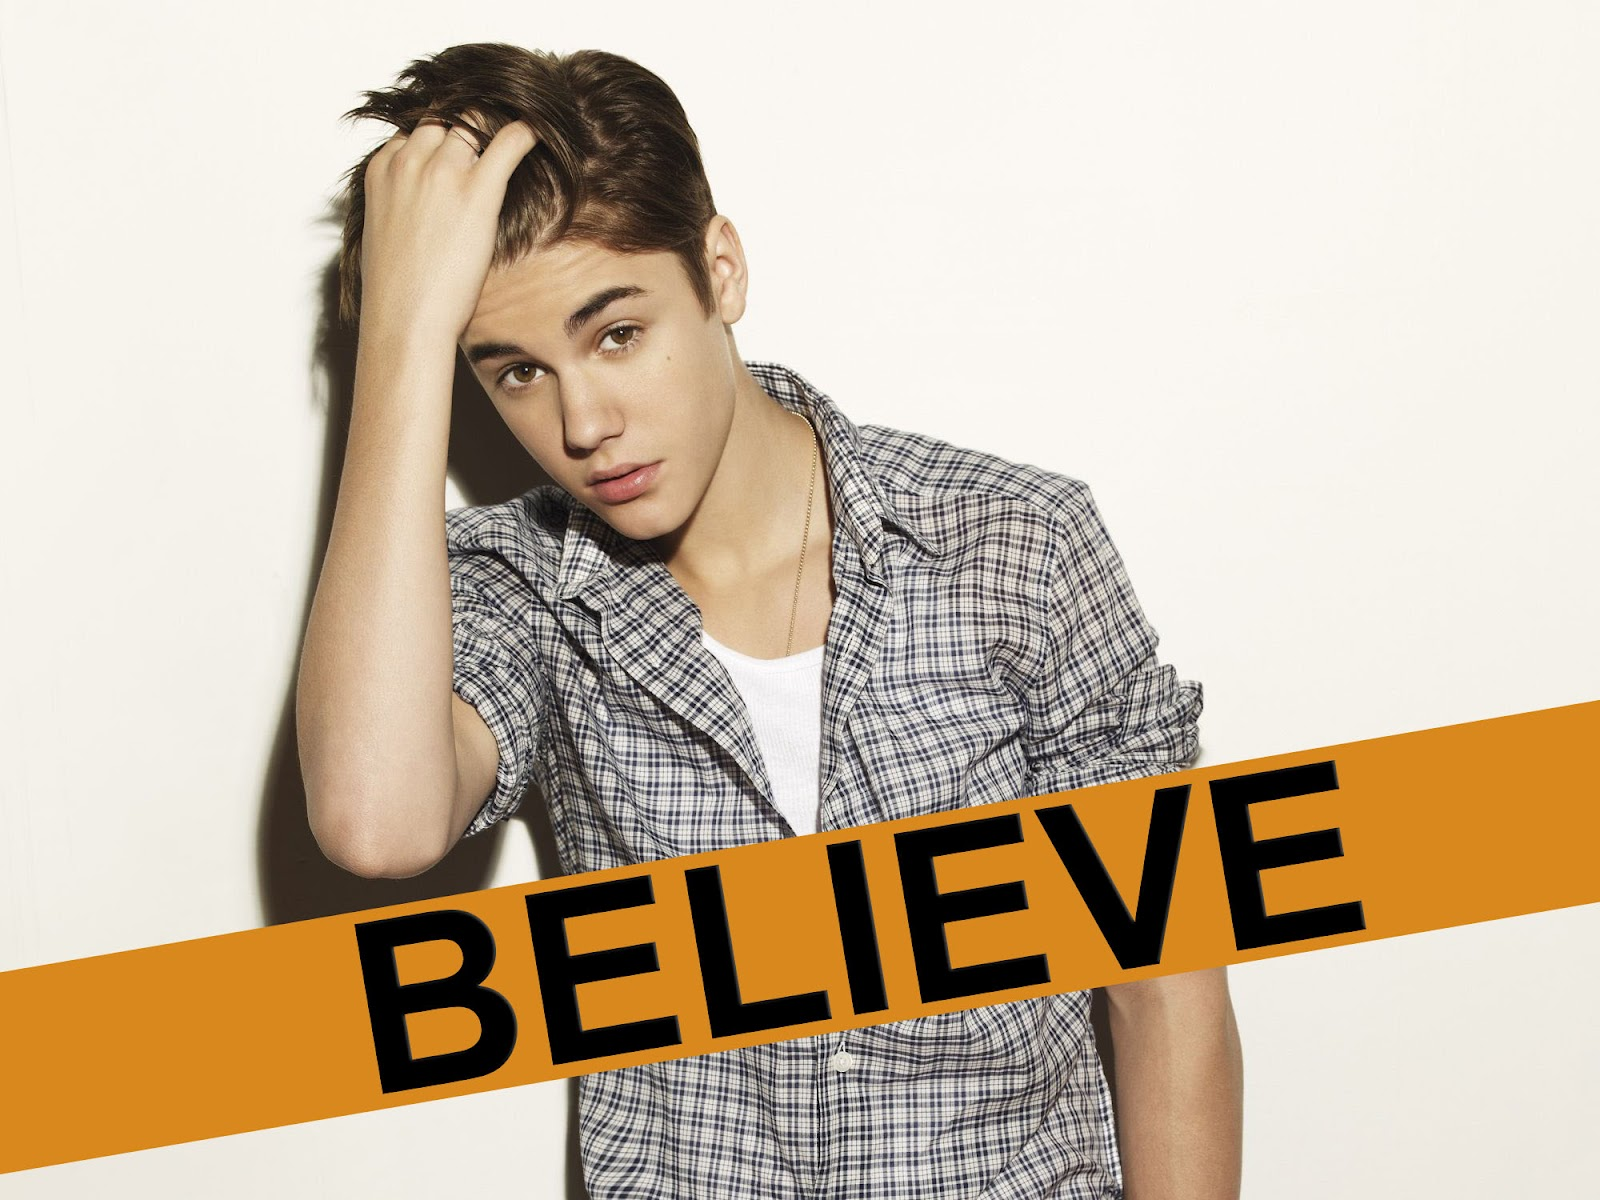 http://1.bp.blogspot.com/-UBhZoIvvRac/UDHF7OYhCqI/AAAAAAAAPuc/n2WIqSiCBFo/s1600/Justin+Bieber+%5BHDS%5D.jpg